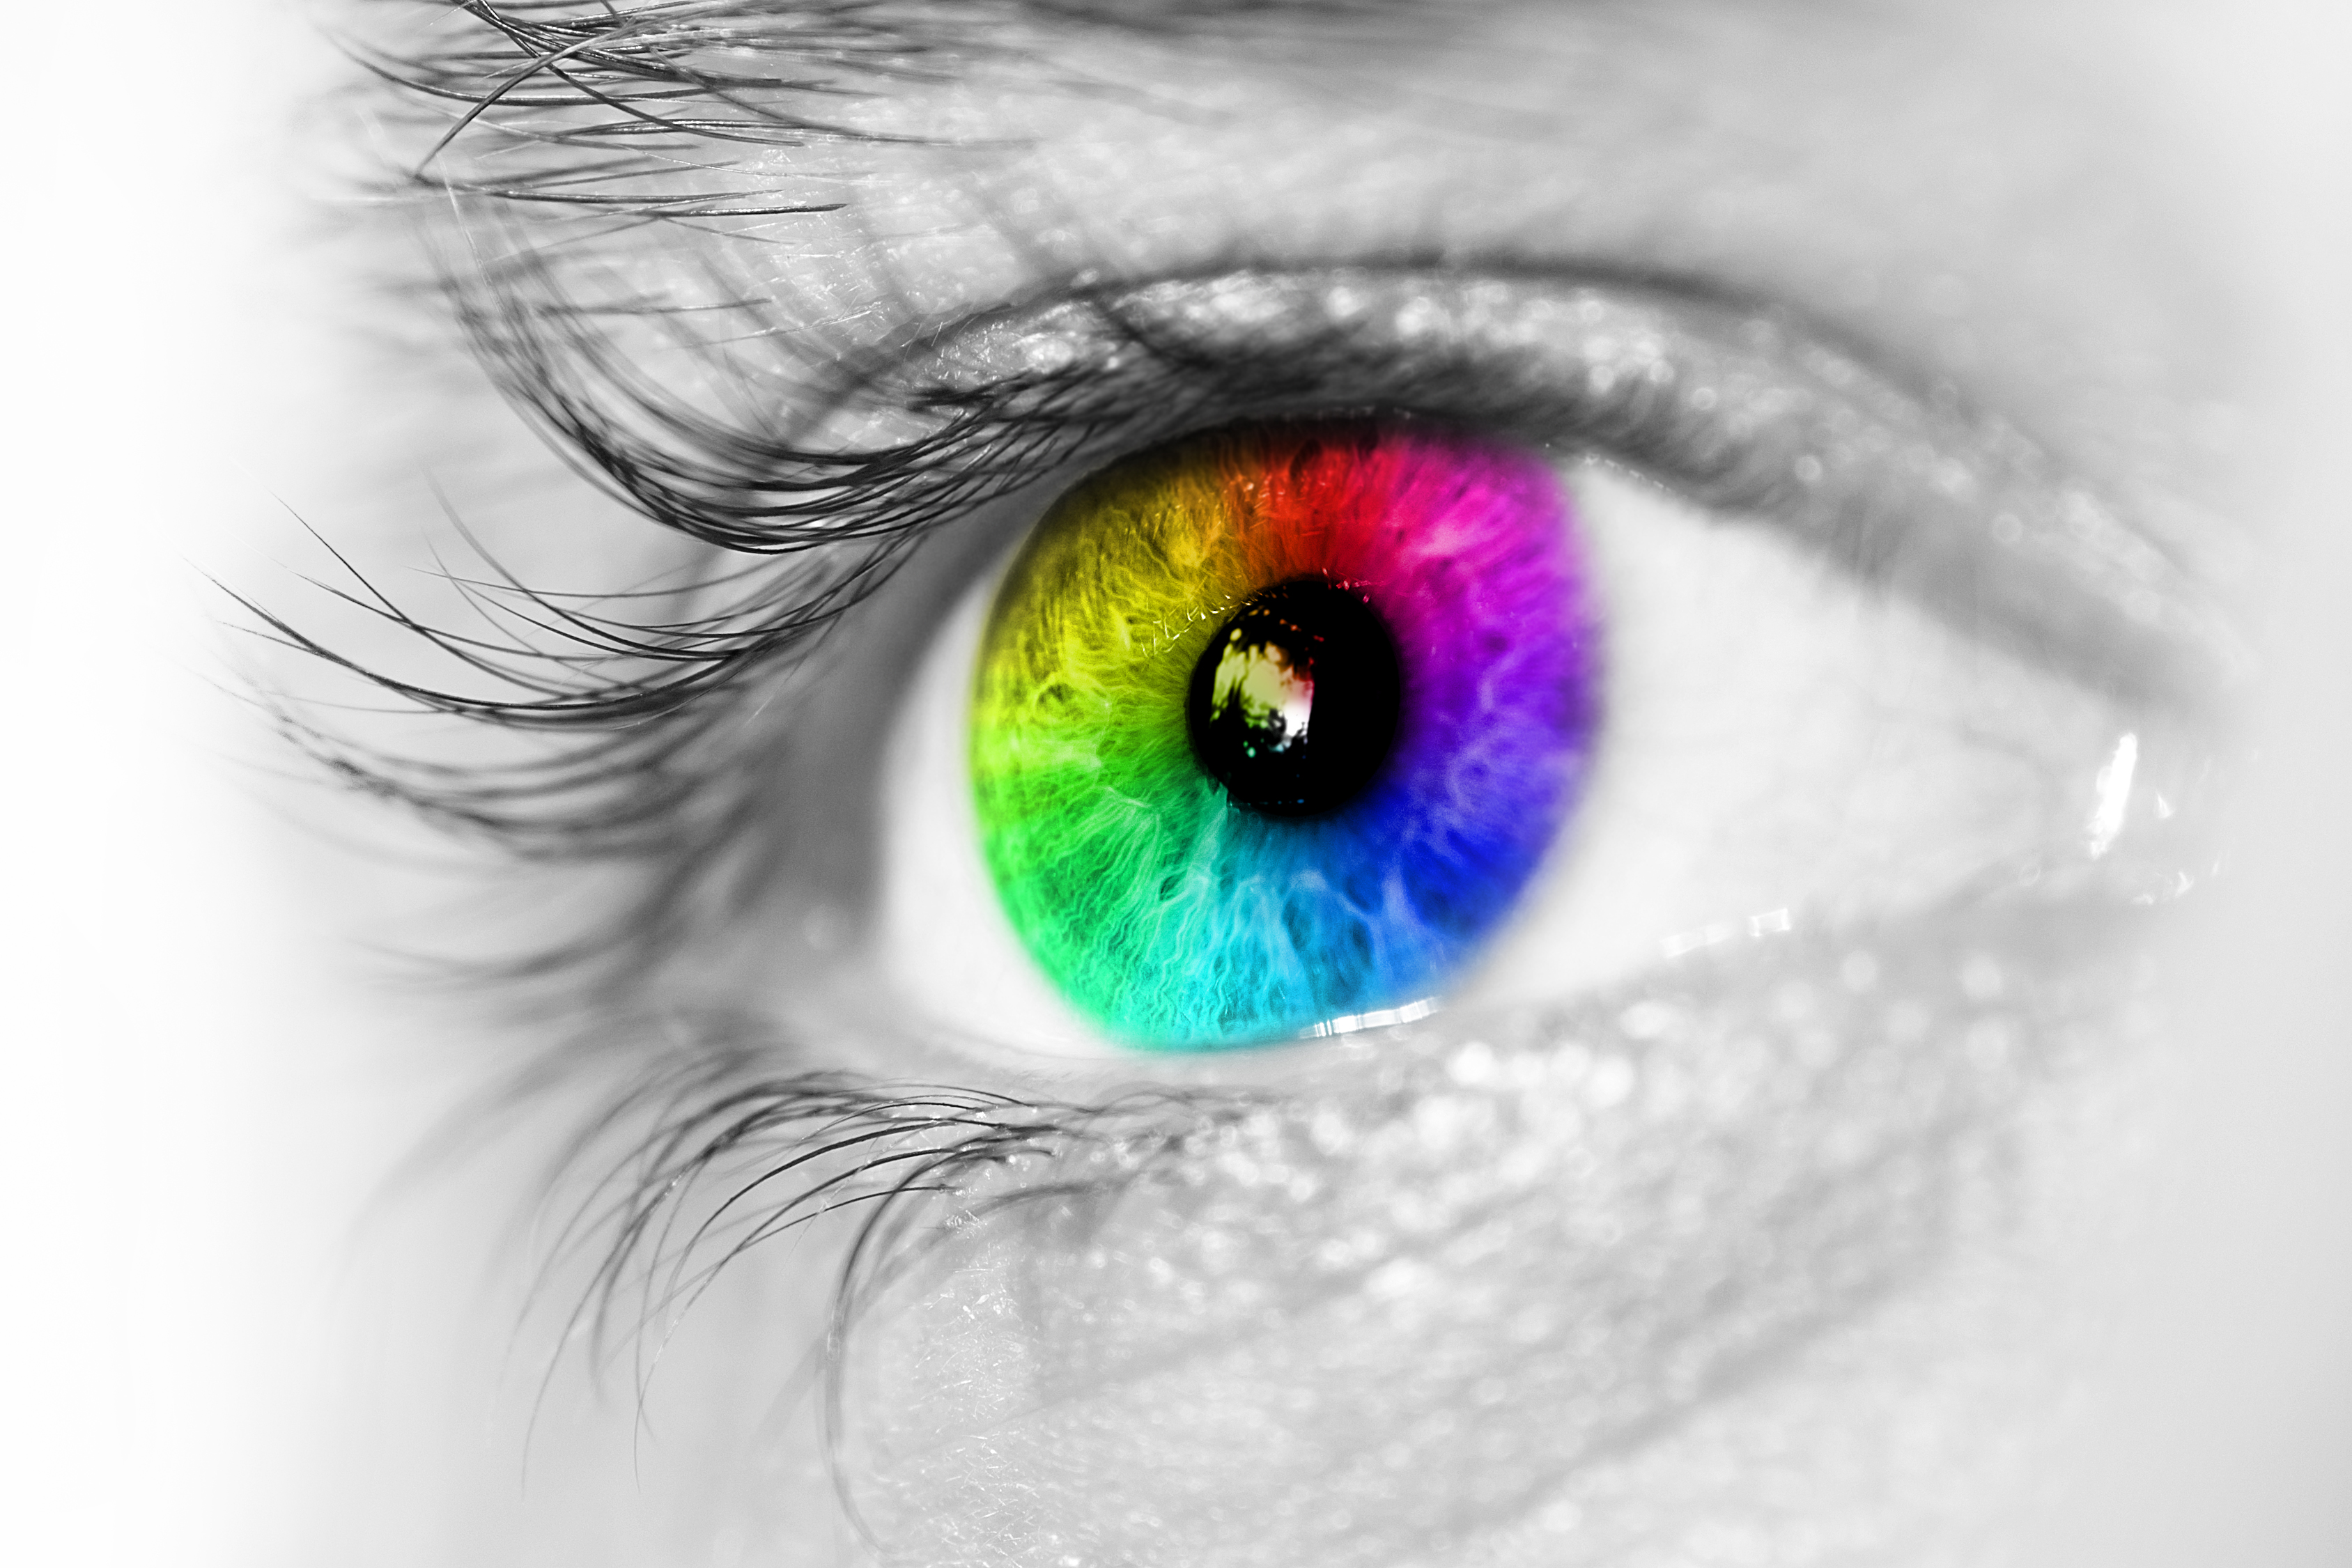 La visión tetracrómata ¿Cómo percibimos los colores?